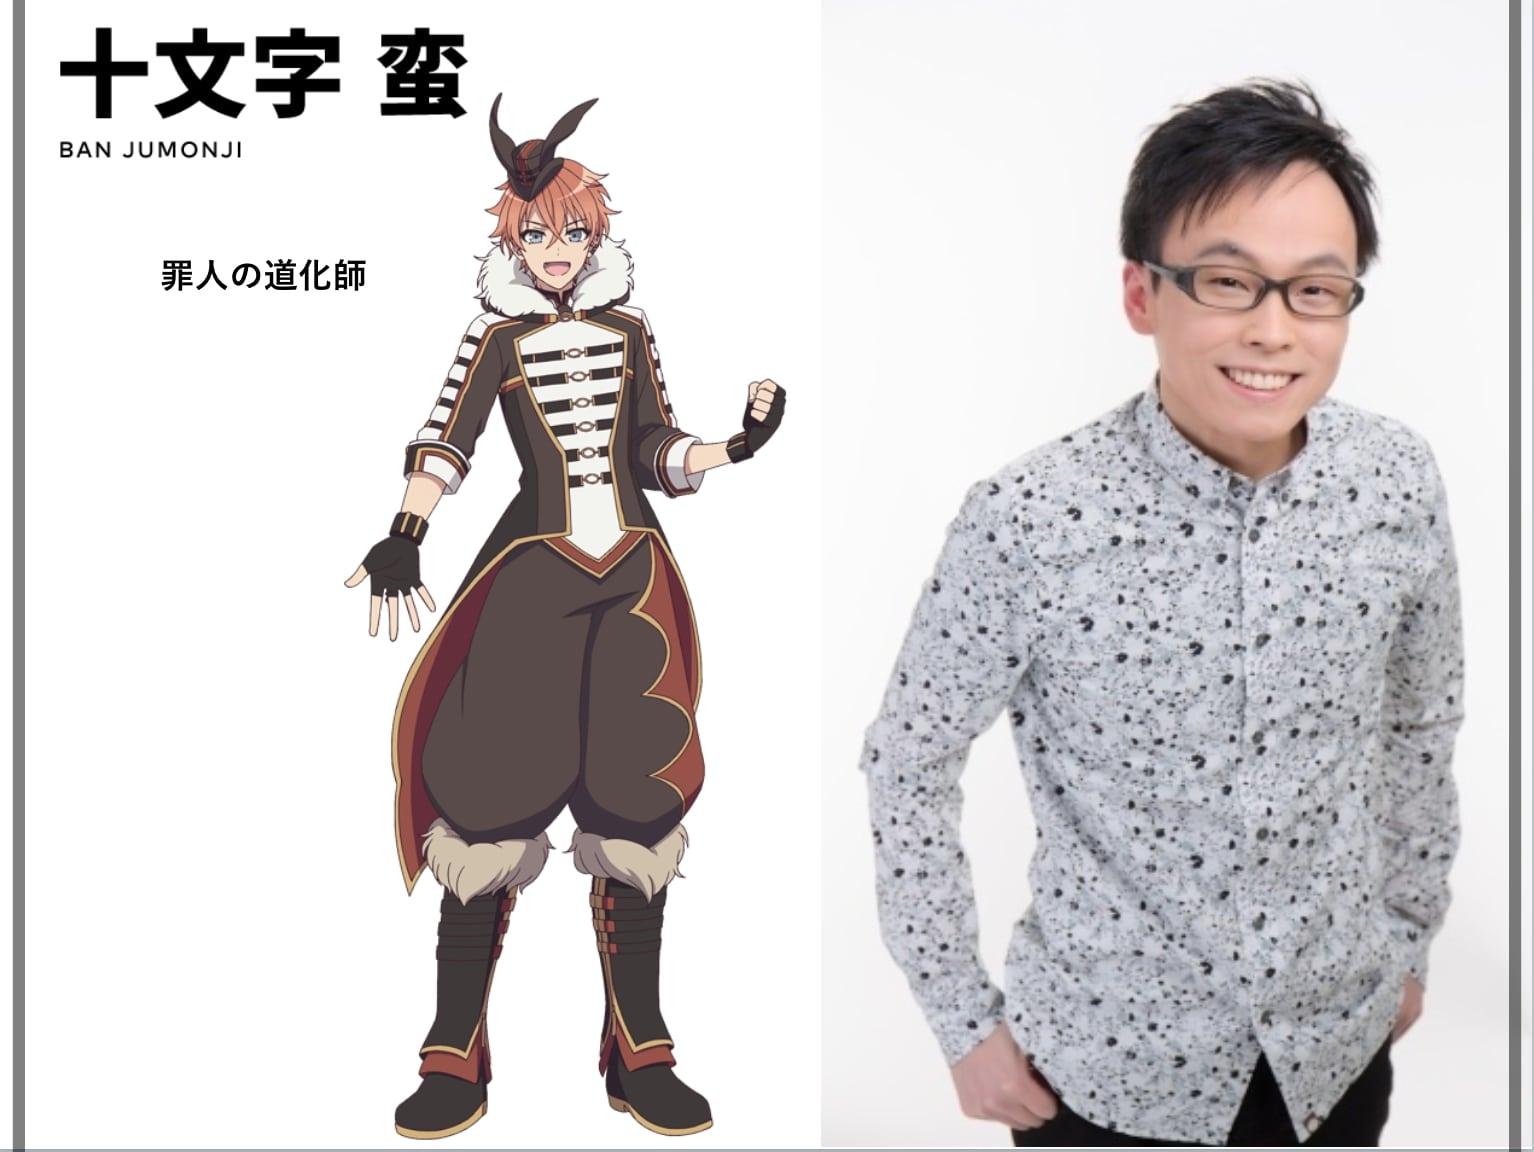 アイチュウアニメの声優一覧